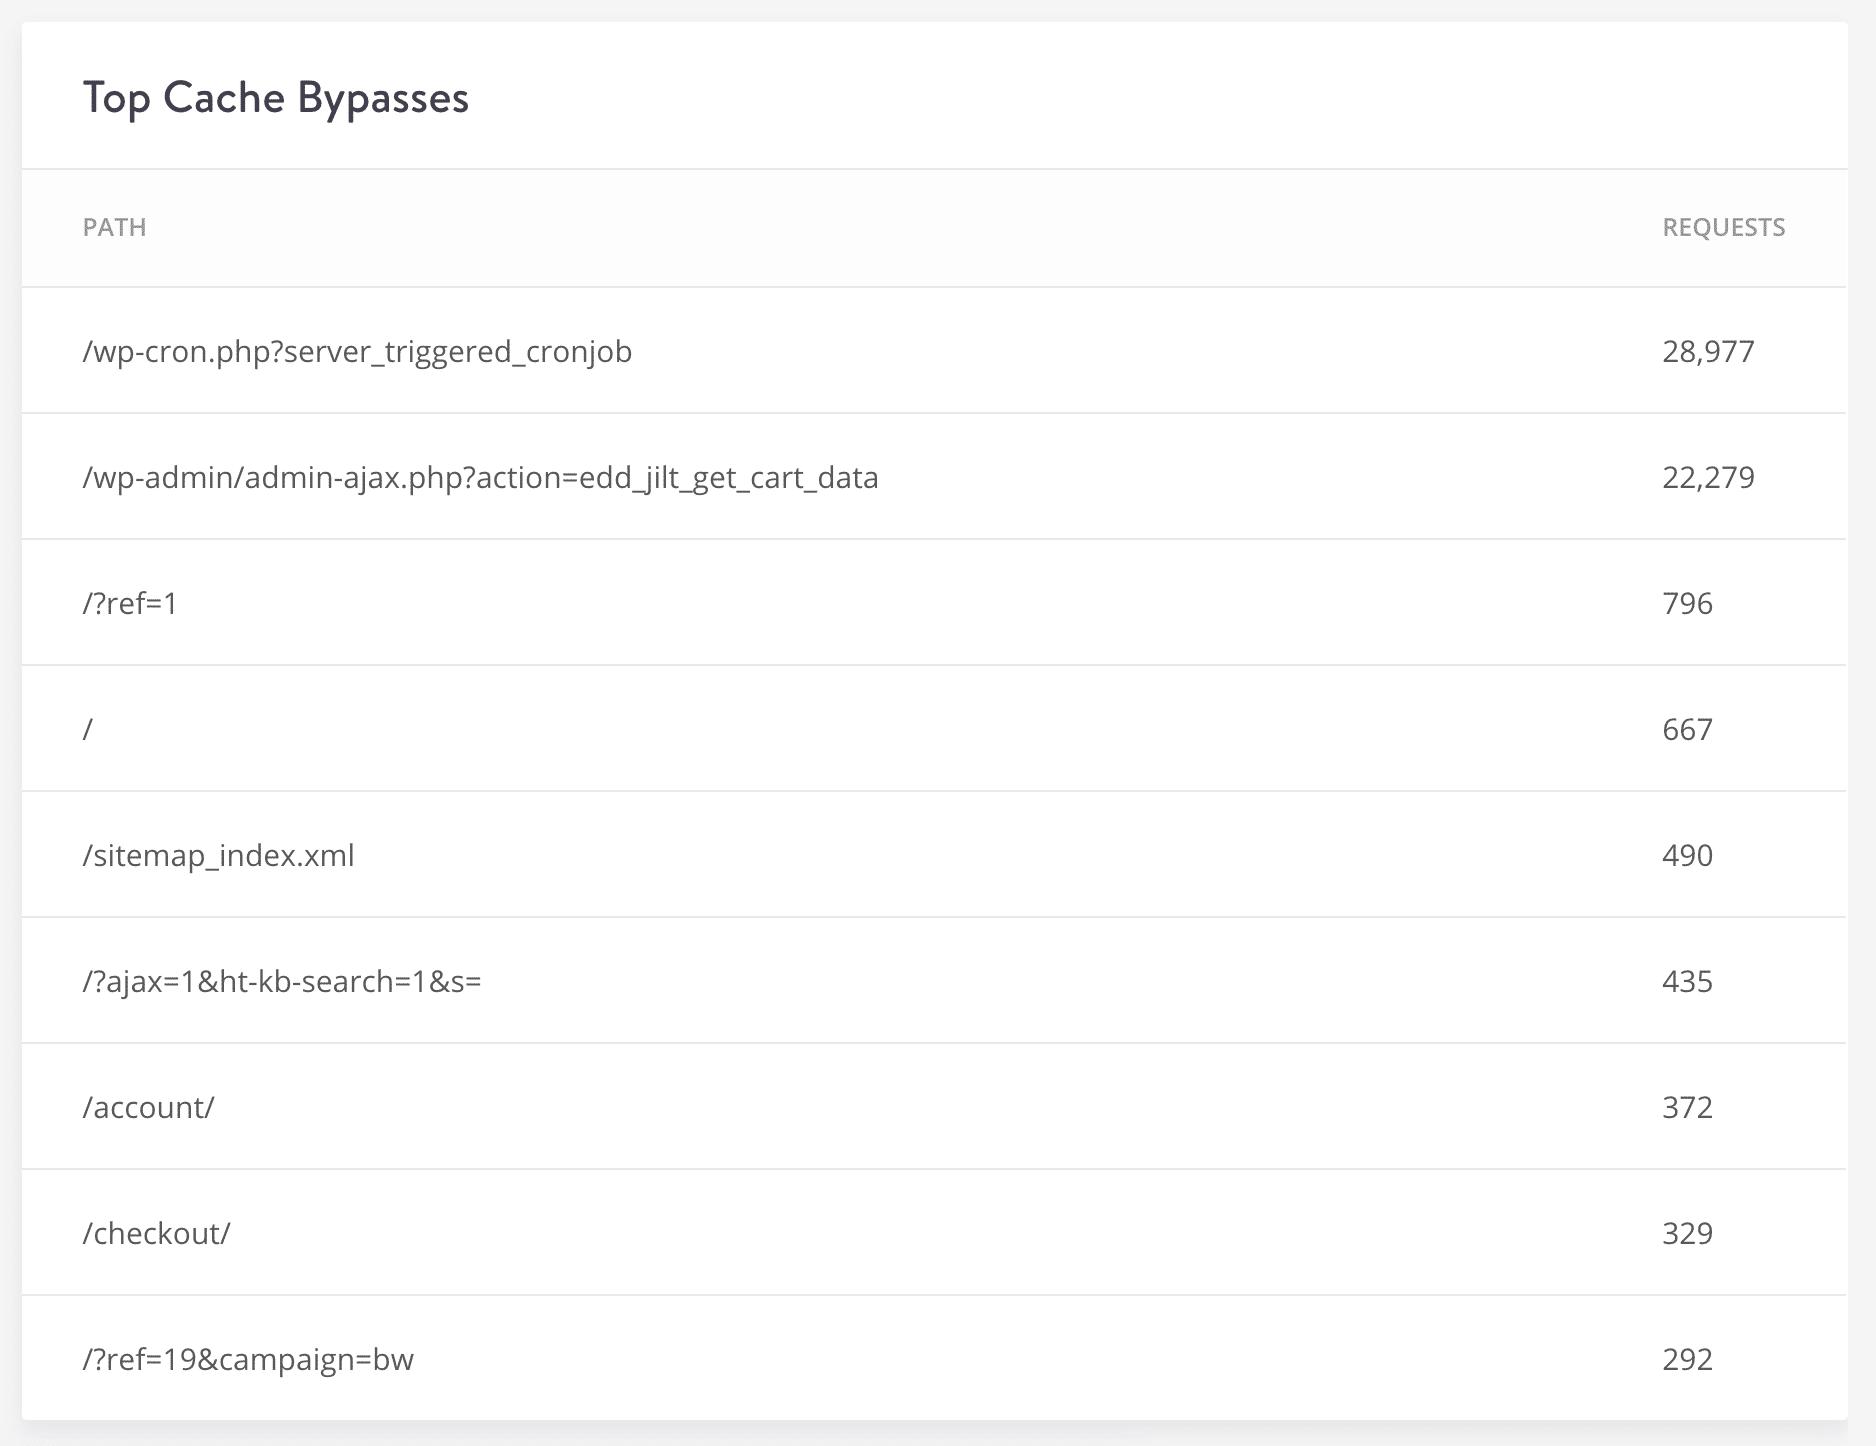 Top des Bypass du cache WordPress